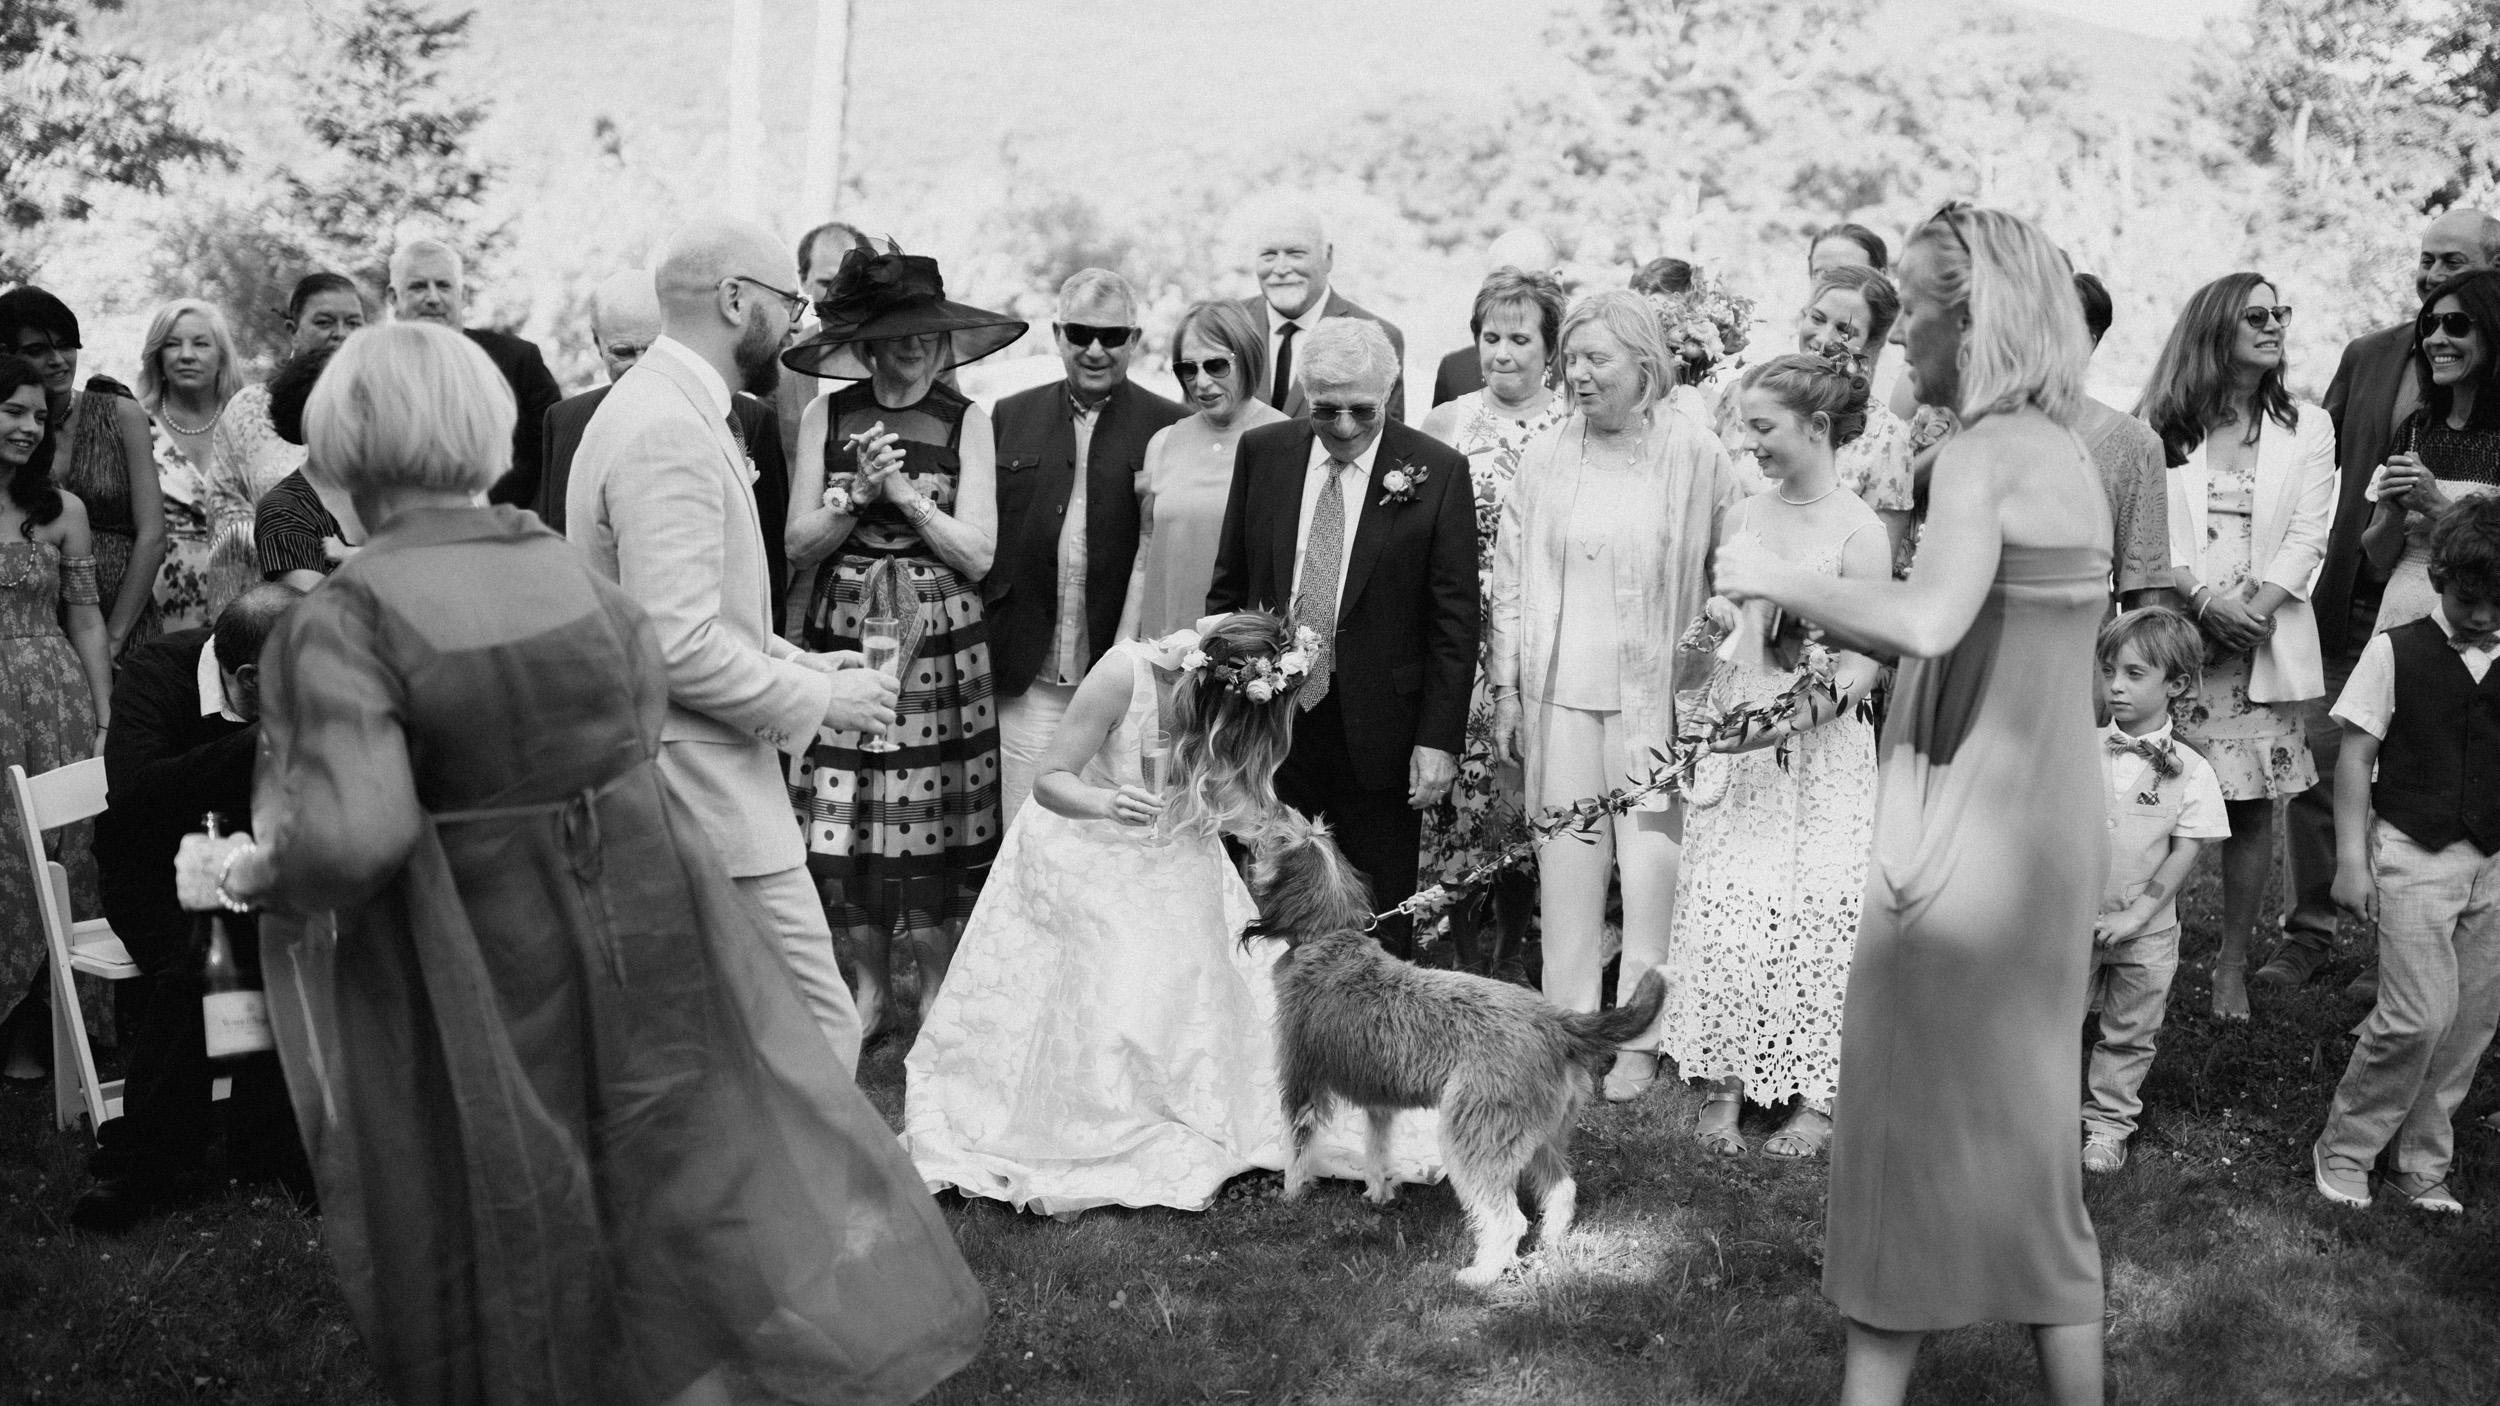 alec_vanderboom_vermont_wedding_photography-0086.jpg